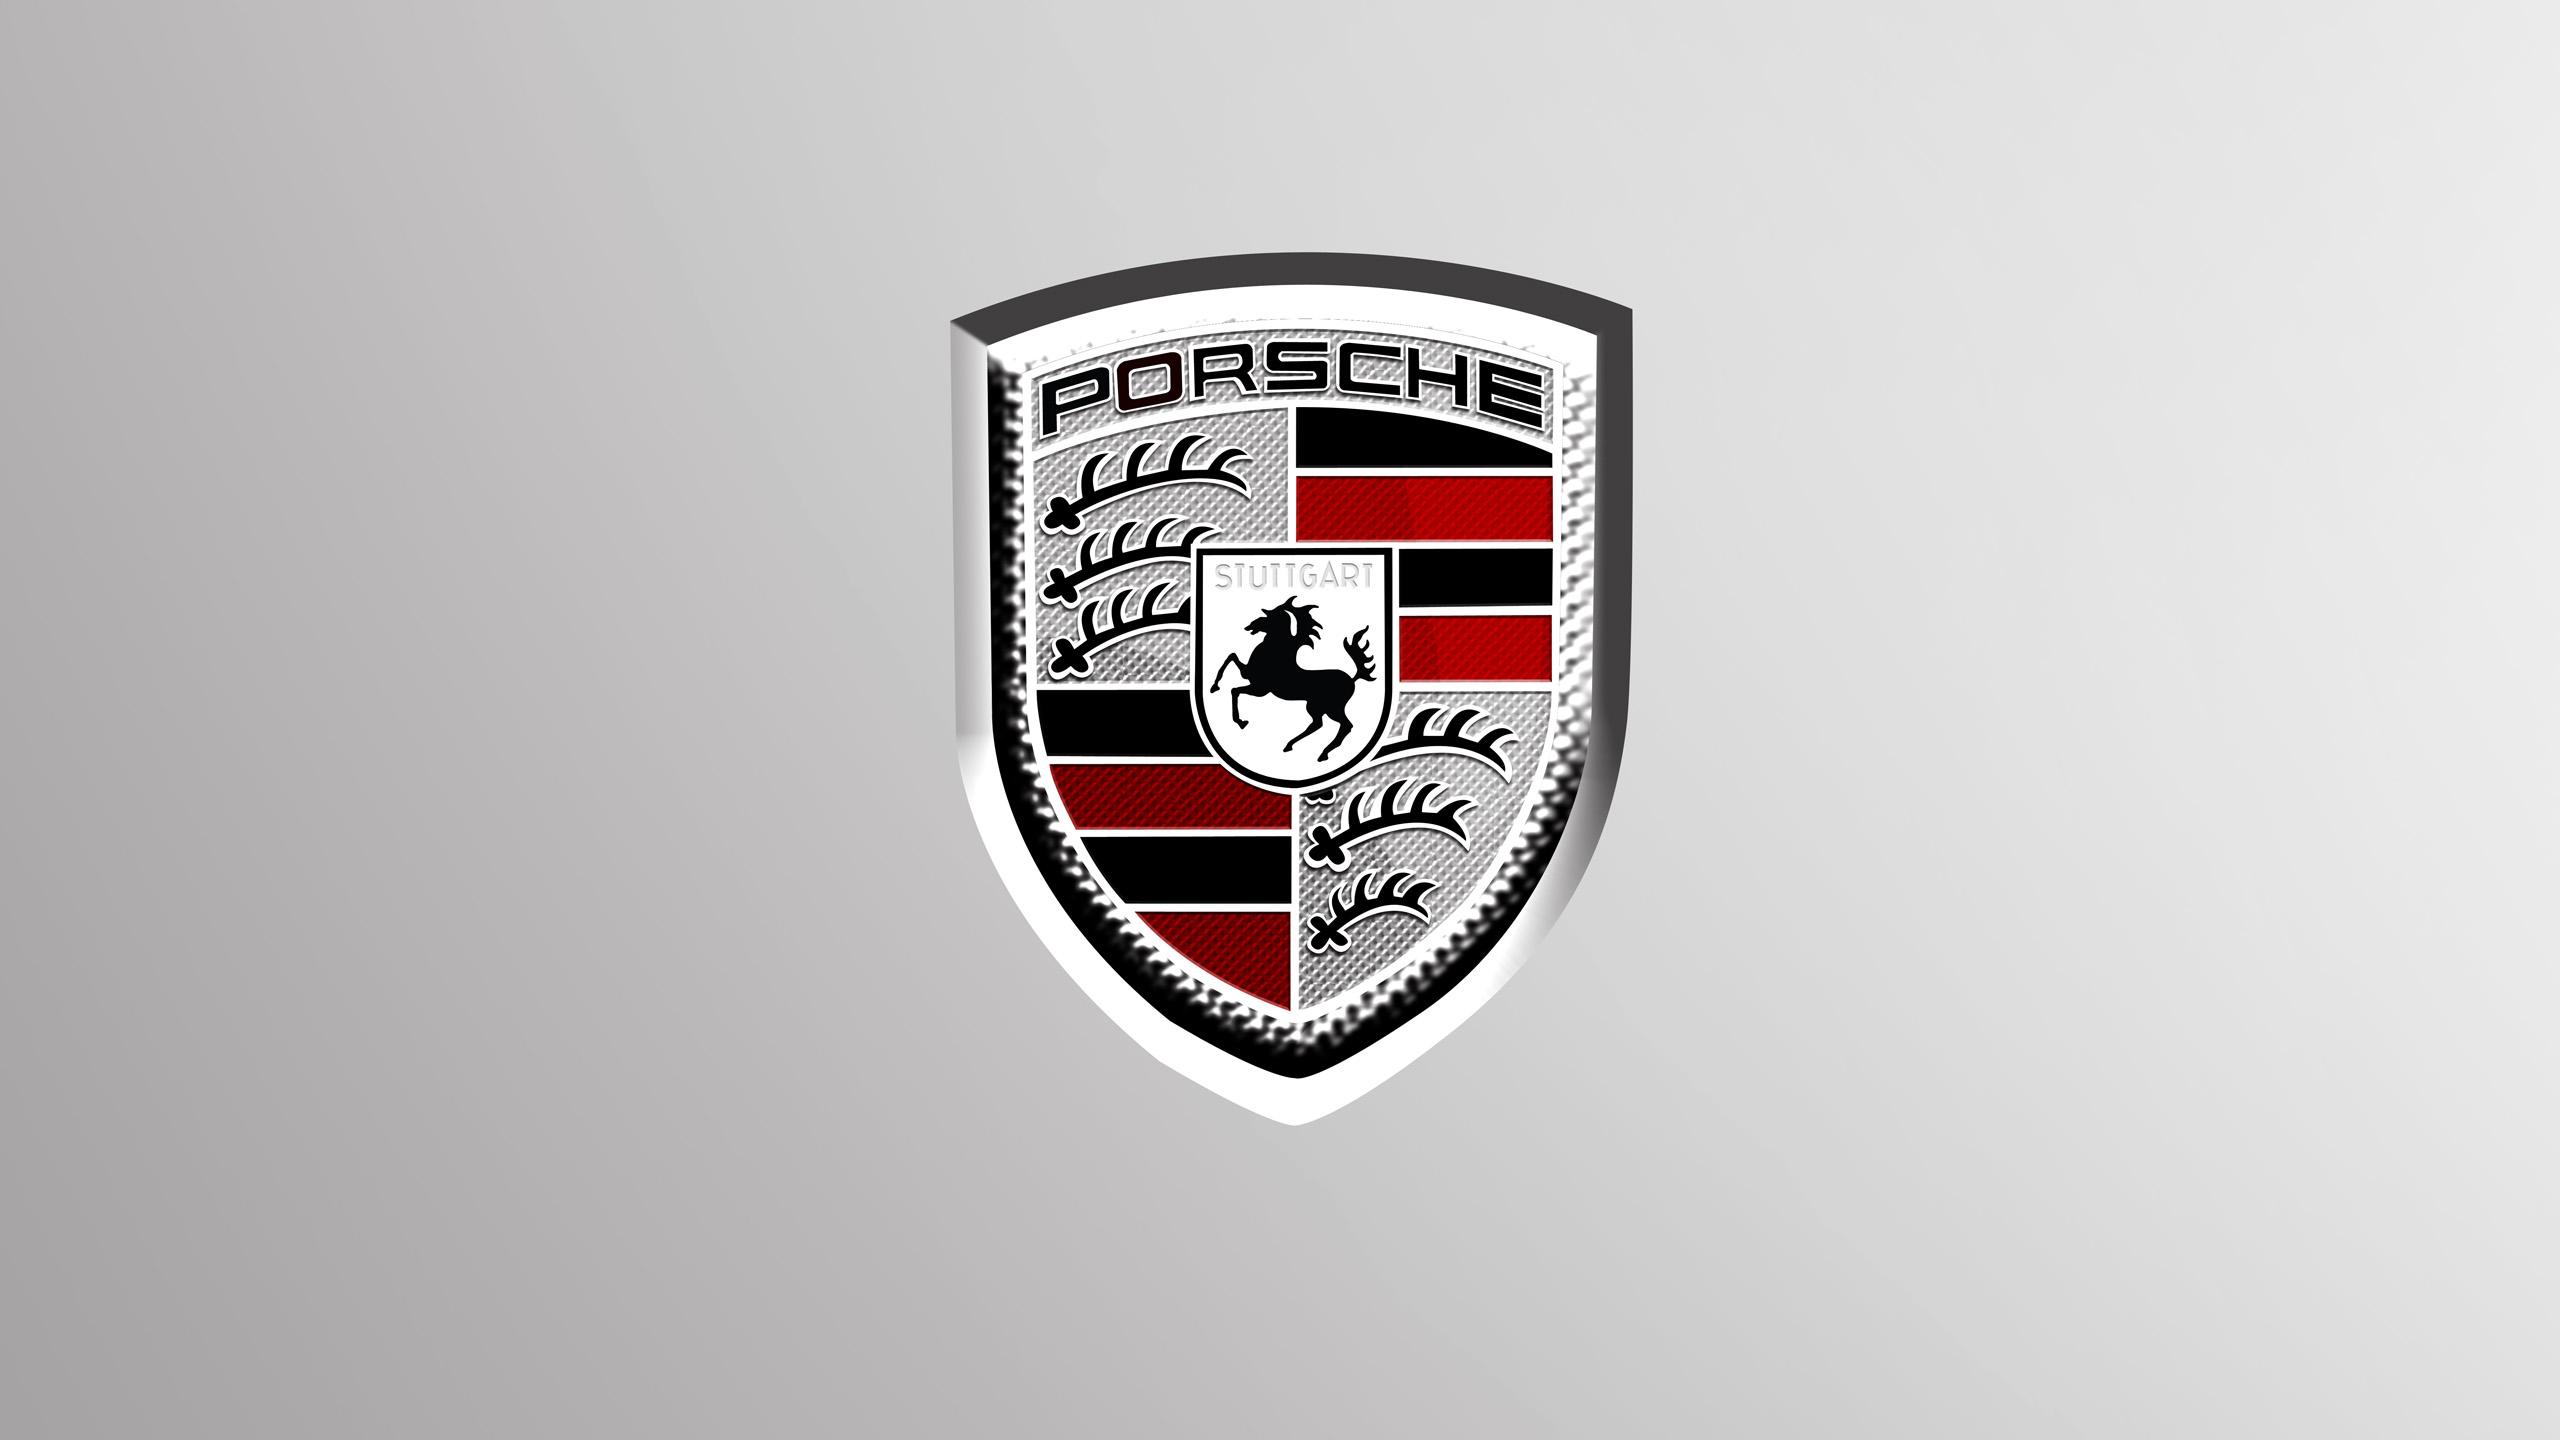 Free Download Porsche Logo Hd 41458 25601440 Px Fond Ecran